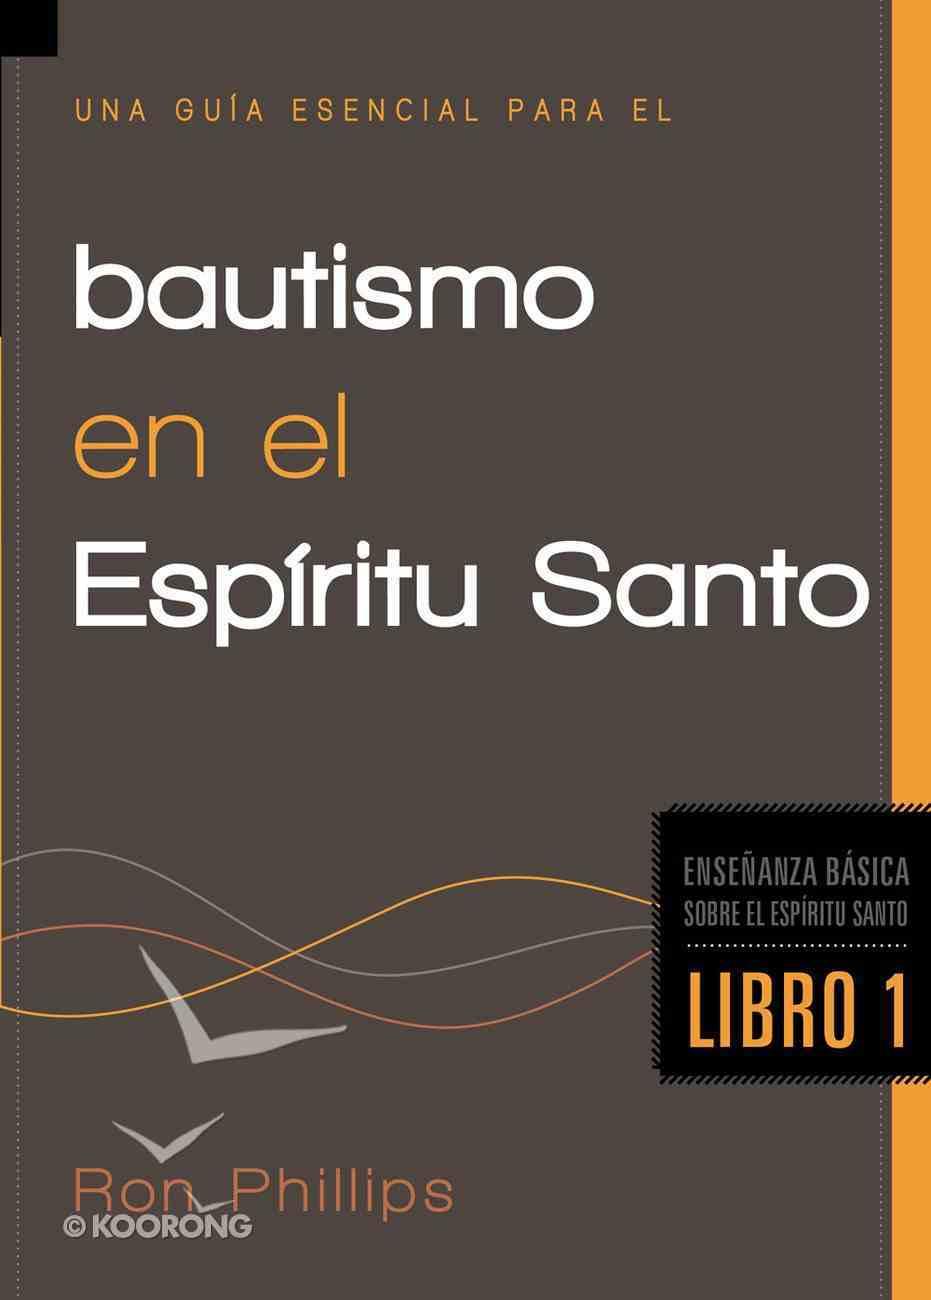 Una Guia Esencial Para El Bautismo En El Espirtu Santo (Spanish) (Spa) ( An Essential Guide To Baptism Of The Holy Spirit) eBook